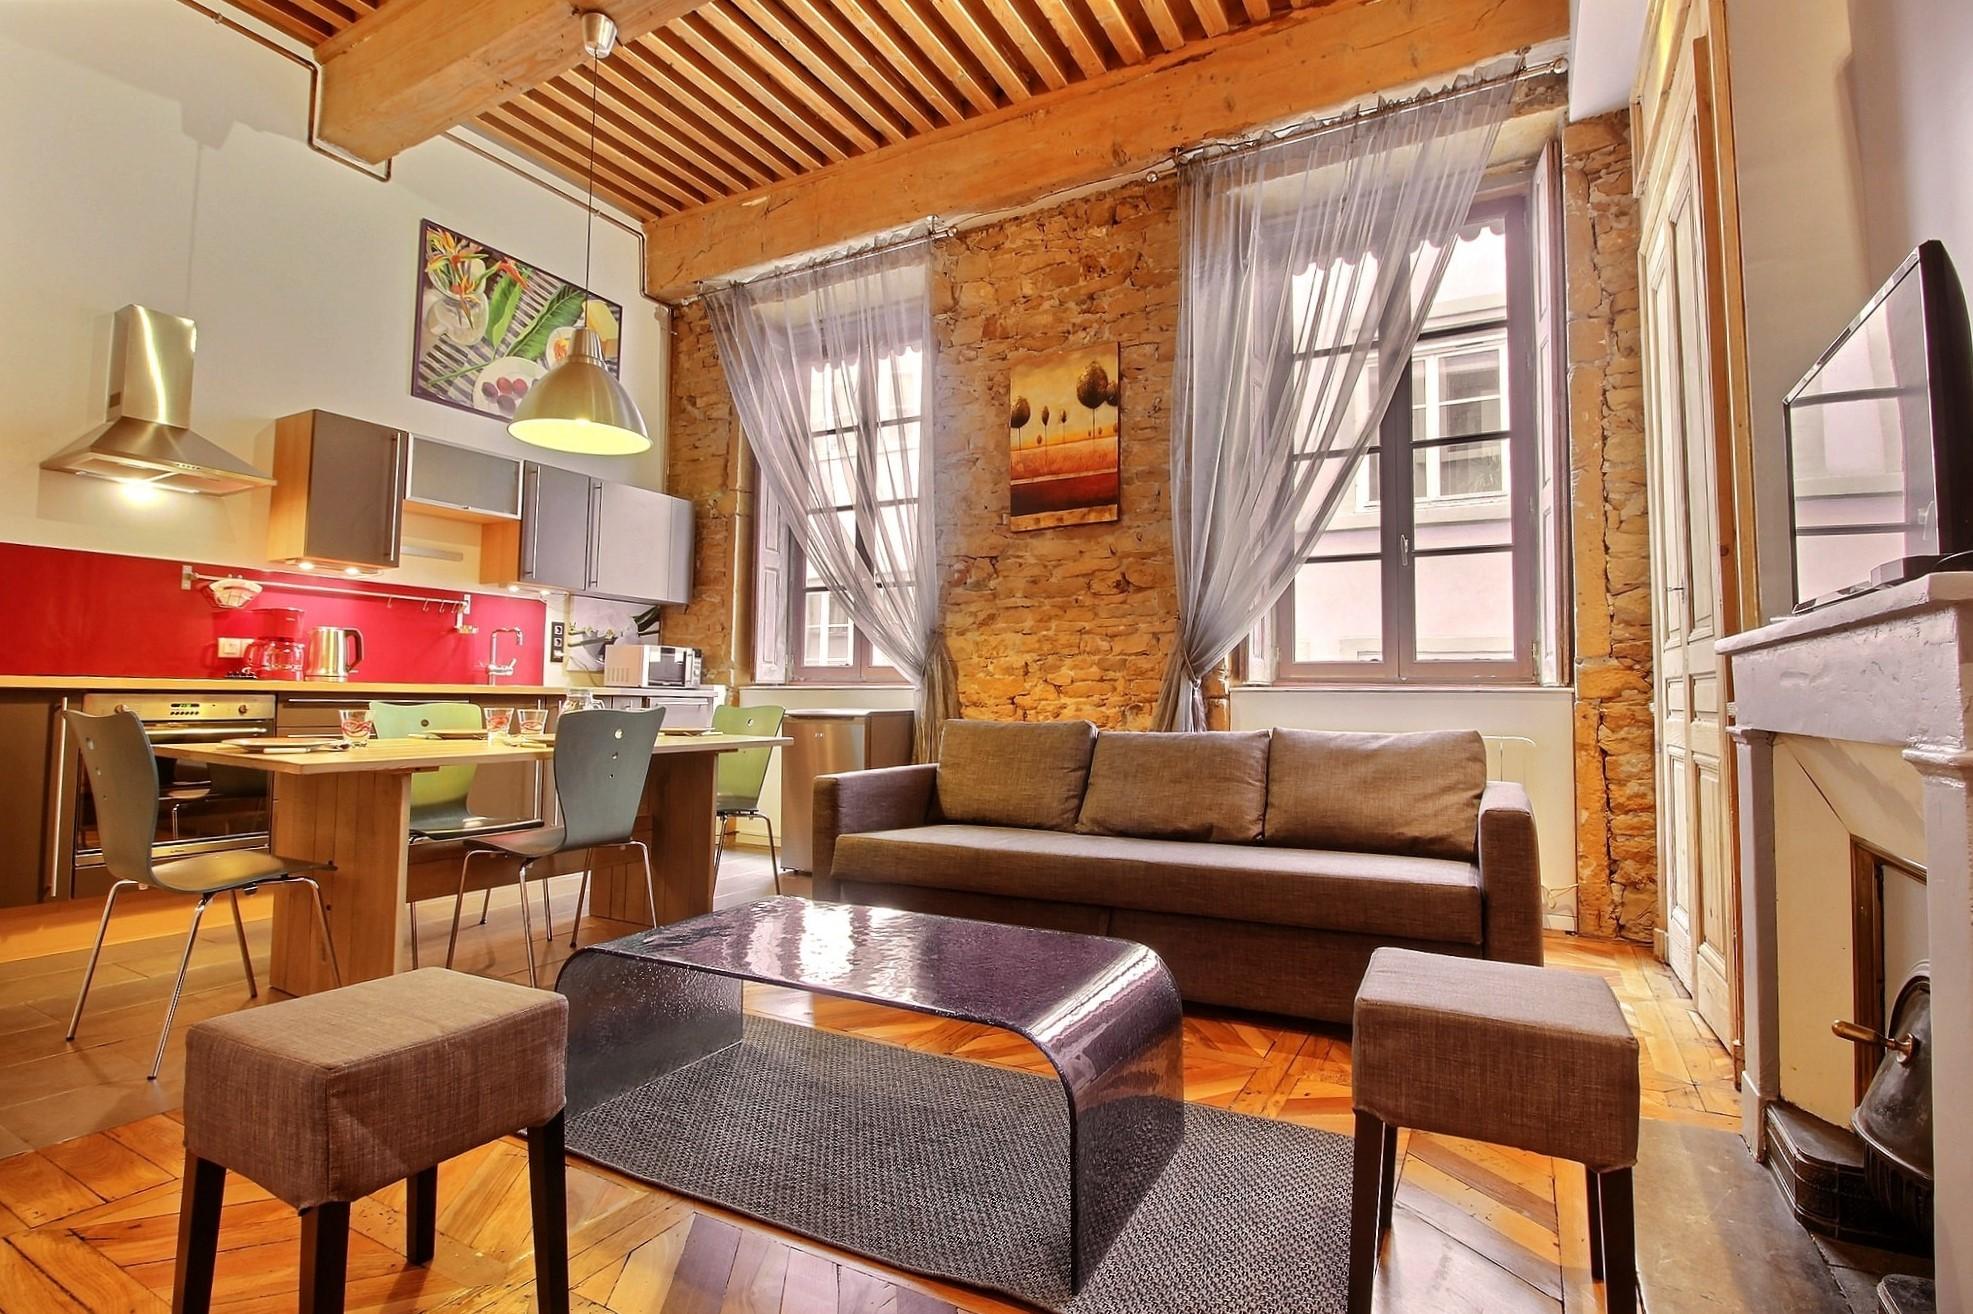 appartement qualité presquîle lyon